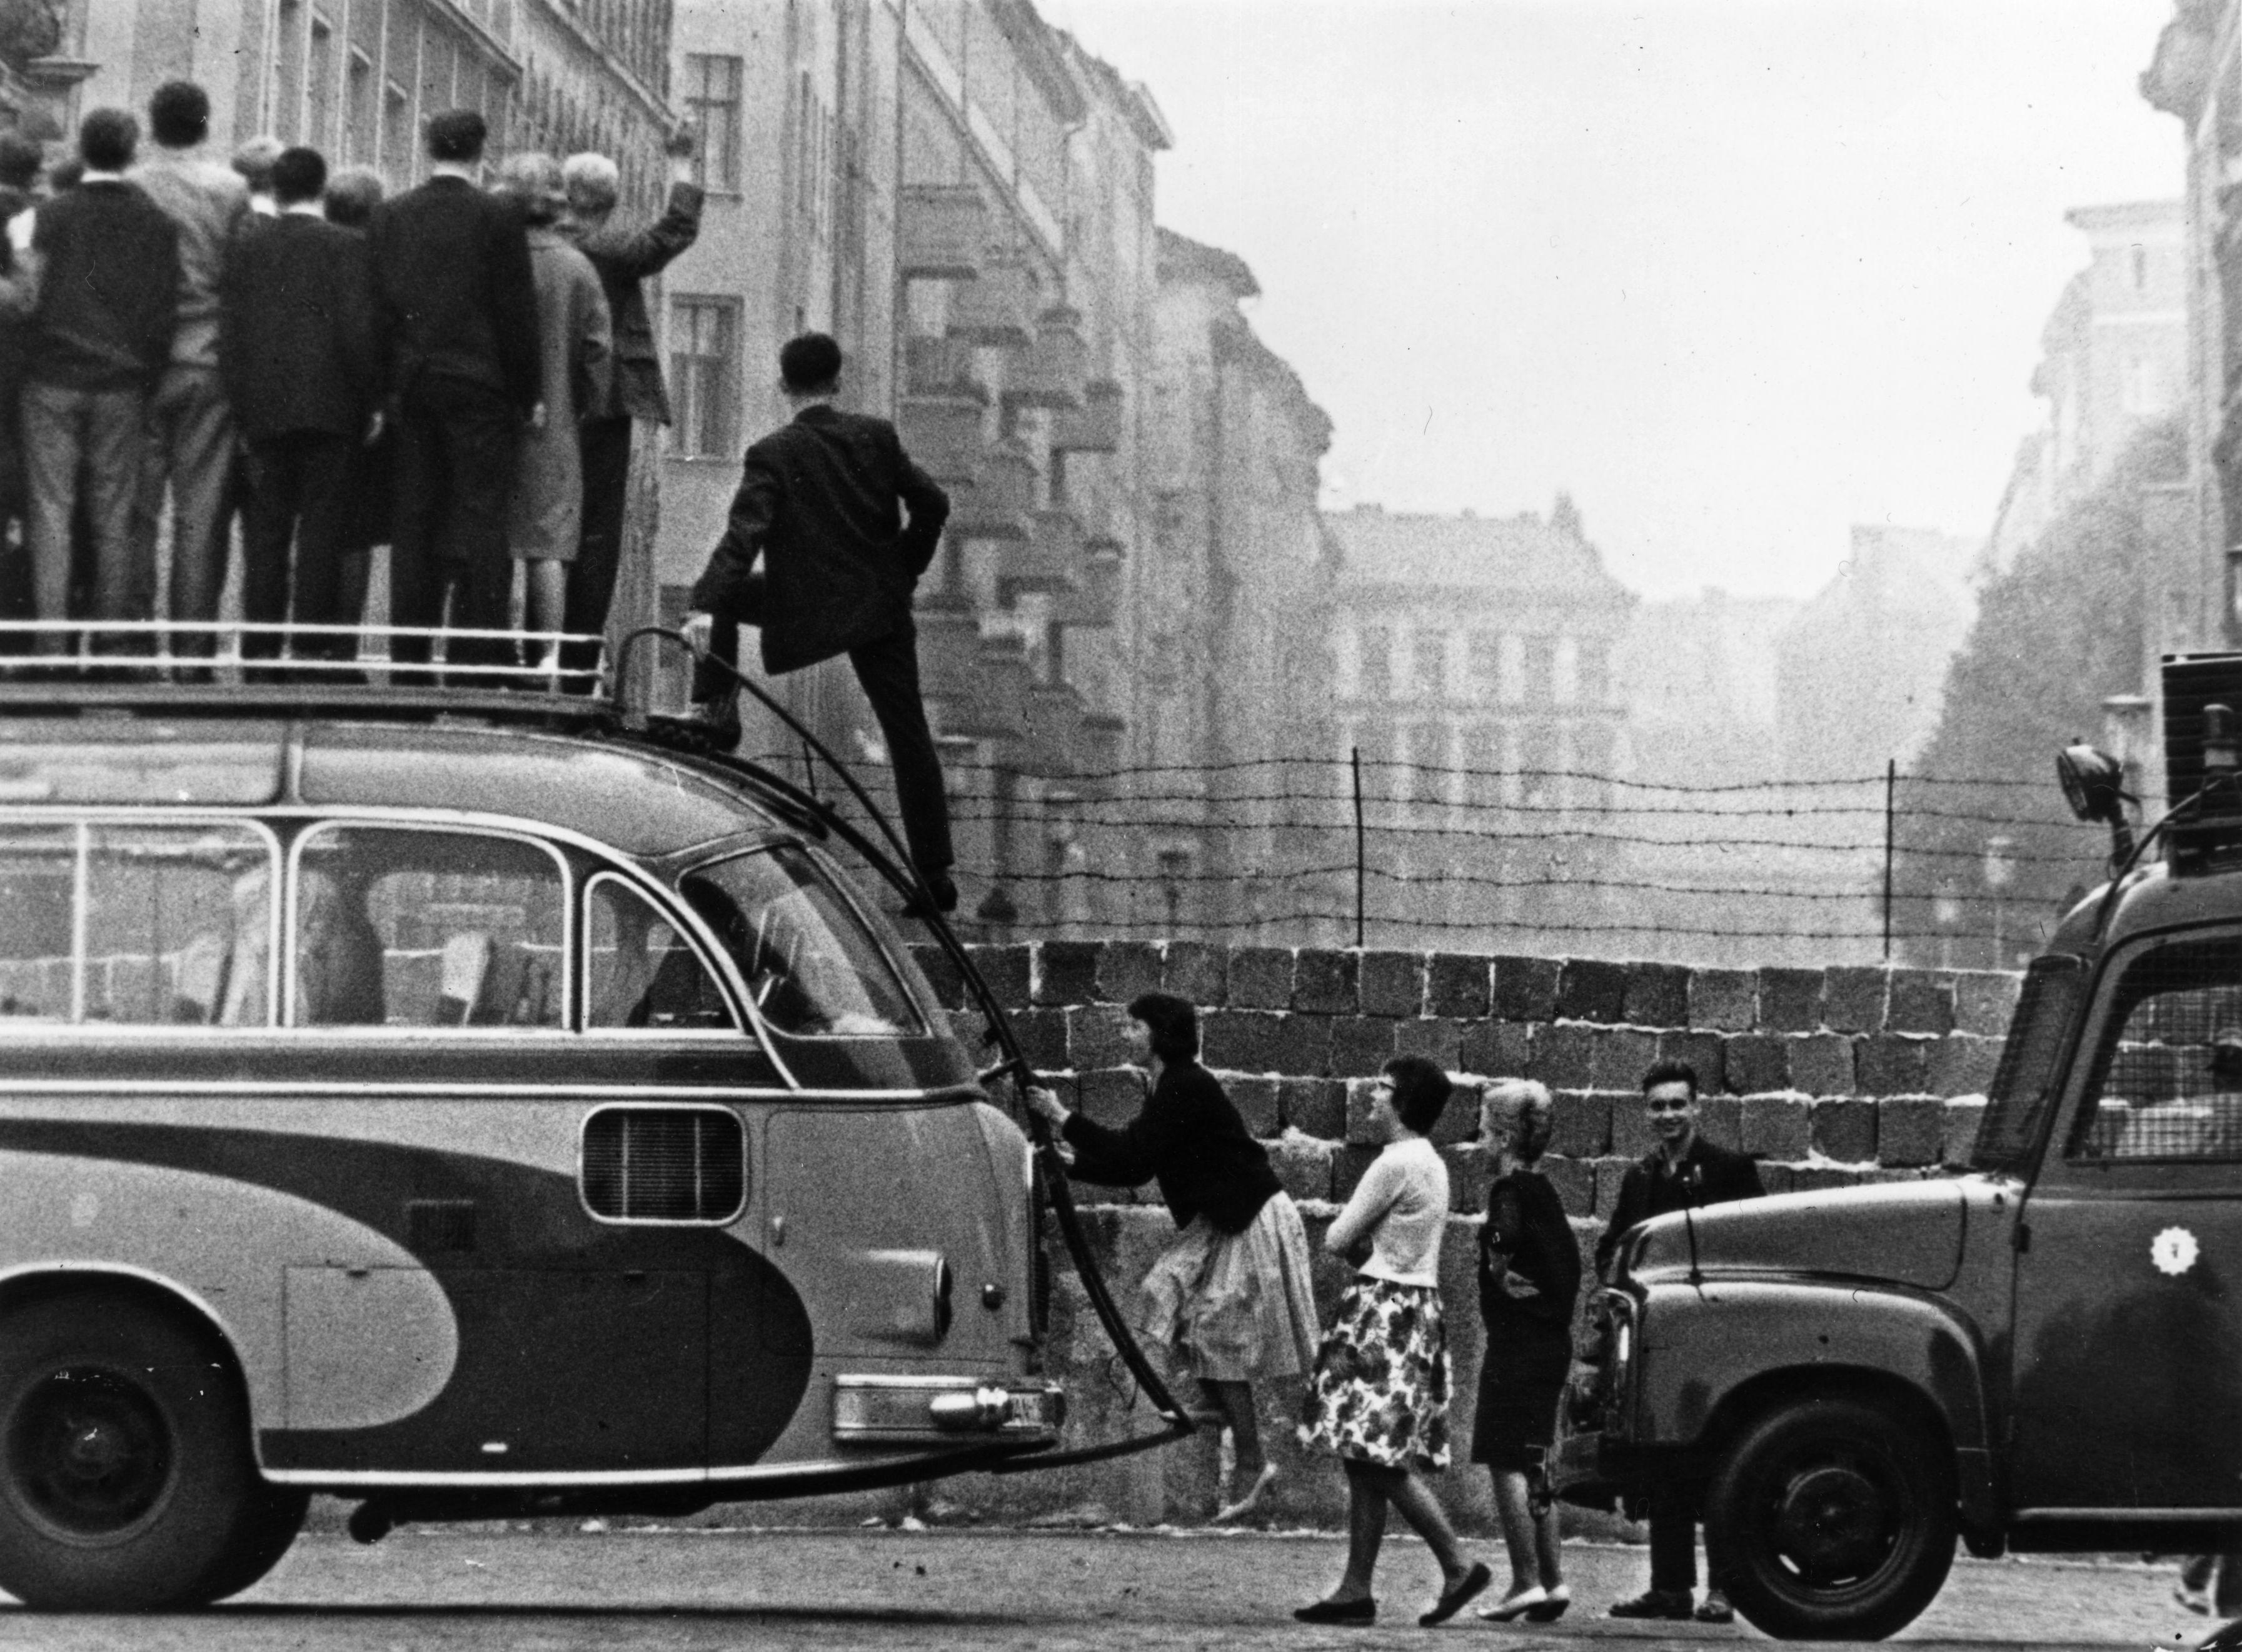 <p>Хората се качват на автобус, за да разгледат Берлинската стена, а и отвъд нея.&nbsp;</p>